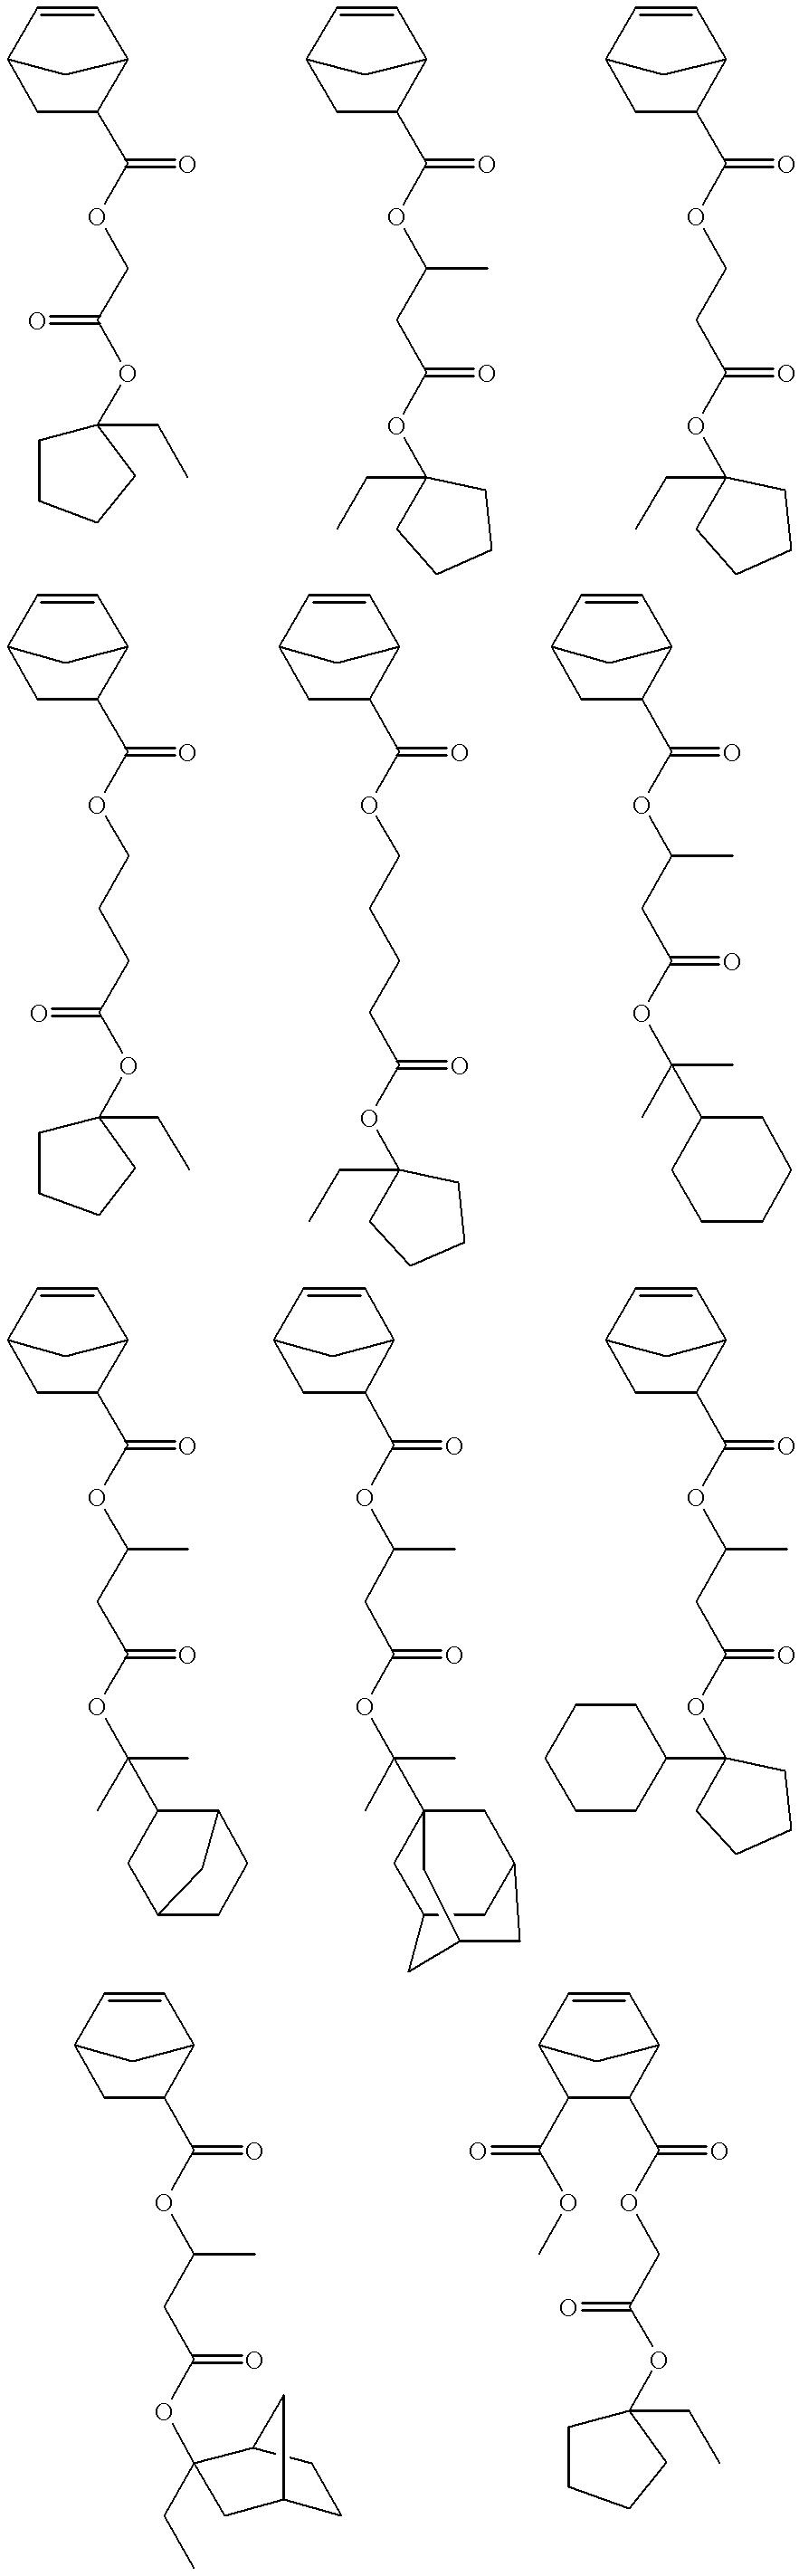 Figure US06531627-20030311-C00010